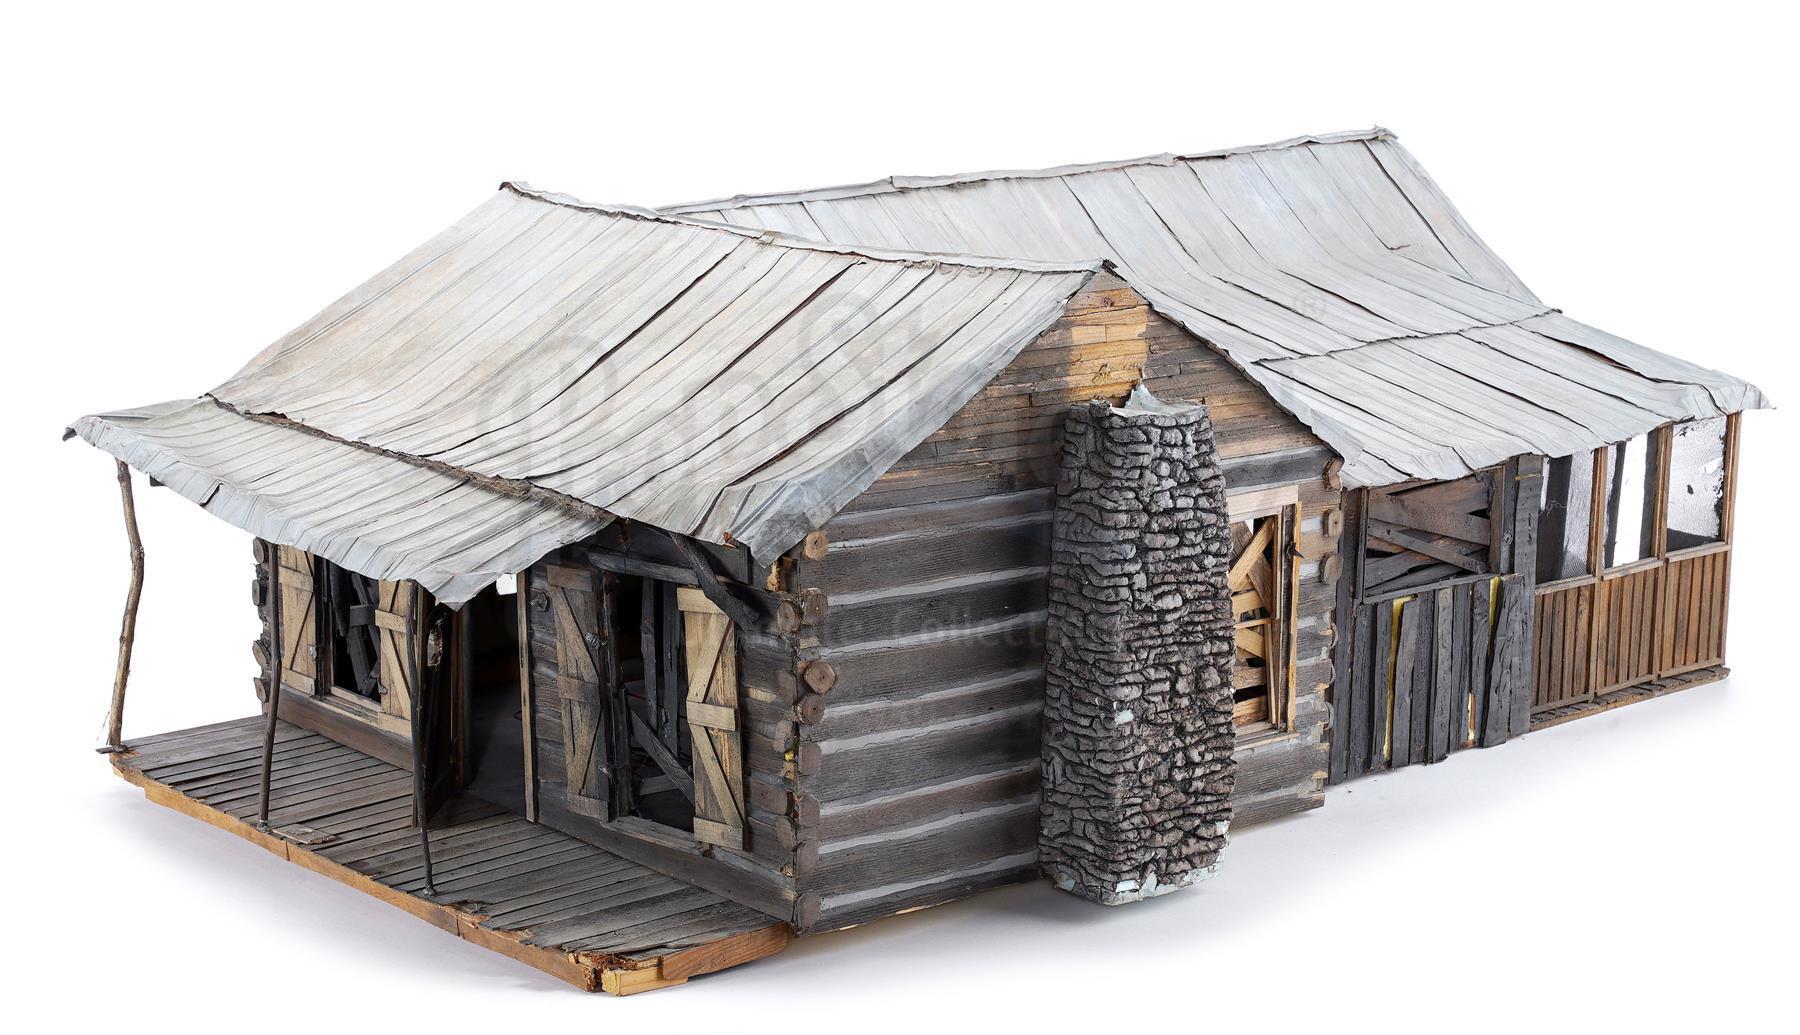 Lot # 74: EVIL DEAD II - Cabin Model Miniature